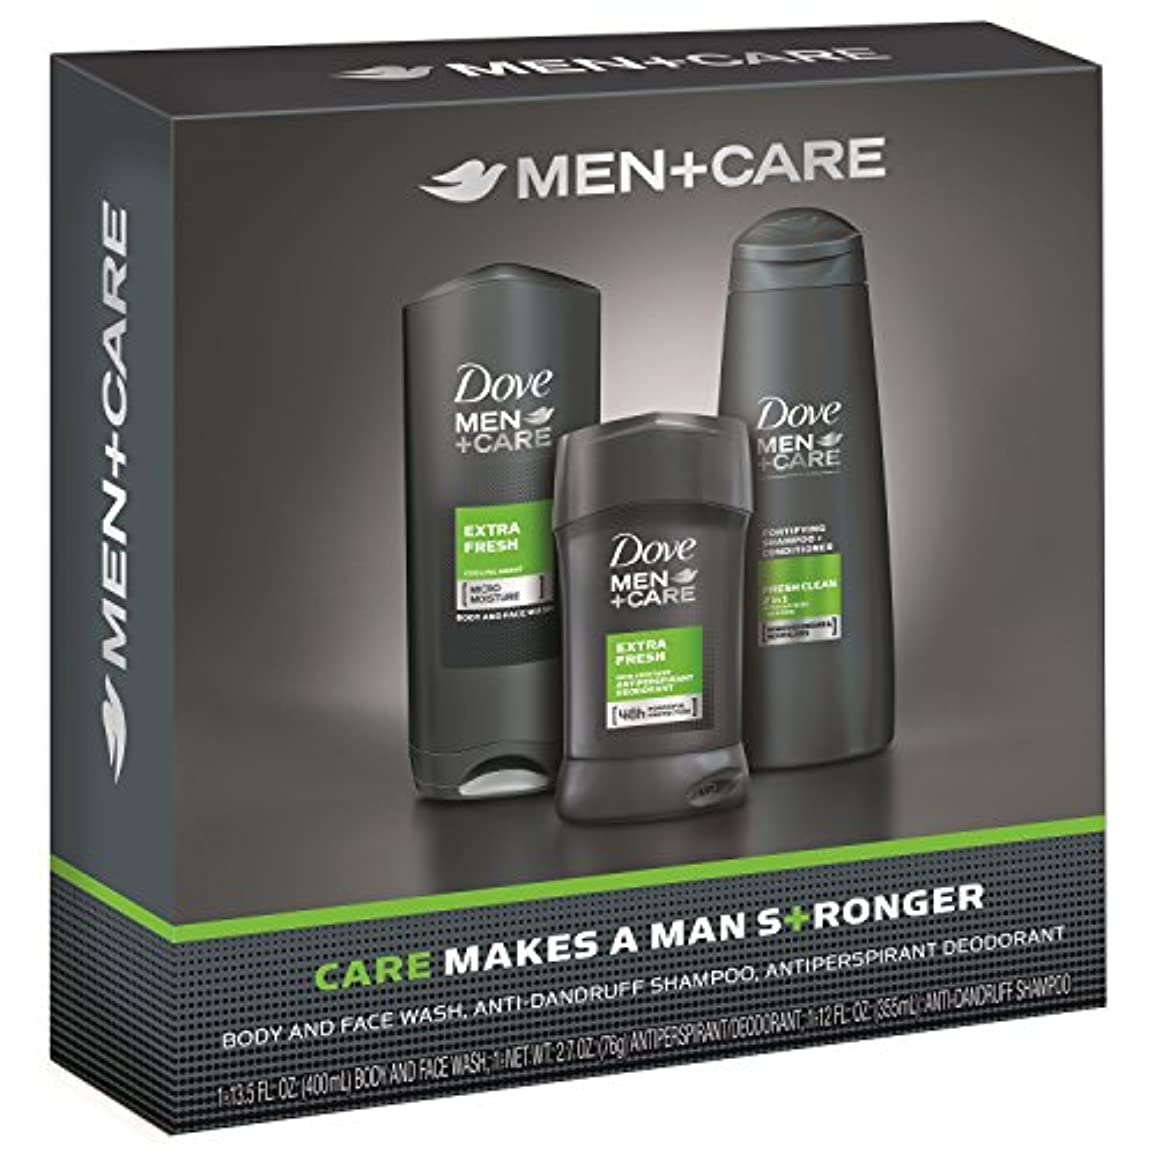 抜粋レタス座標Dove Men+Care Gift Pack Extra Fresh ダブ メンプラスケア ギフトパック エクストラフレッシュ